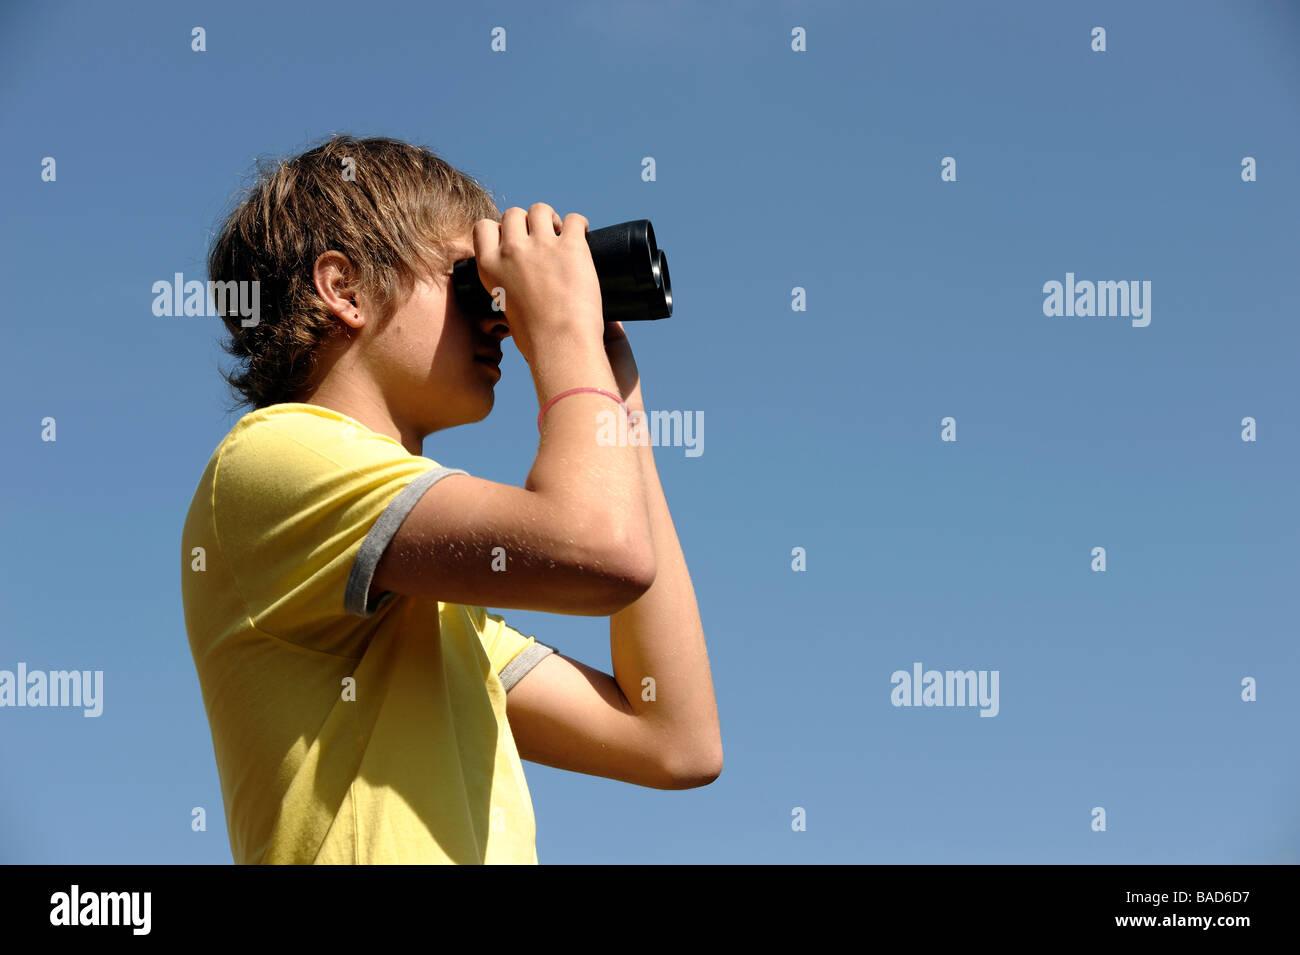 Boy looking through binoculars - Stock Image